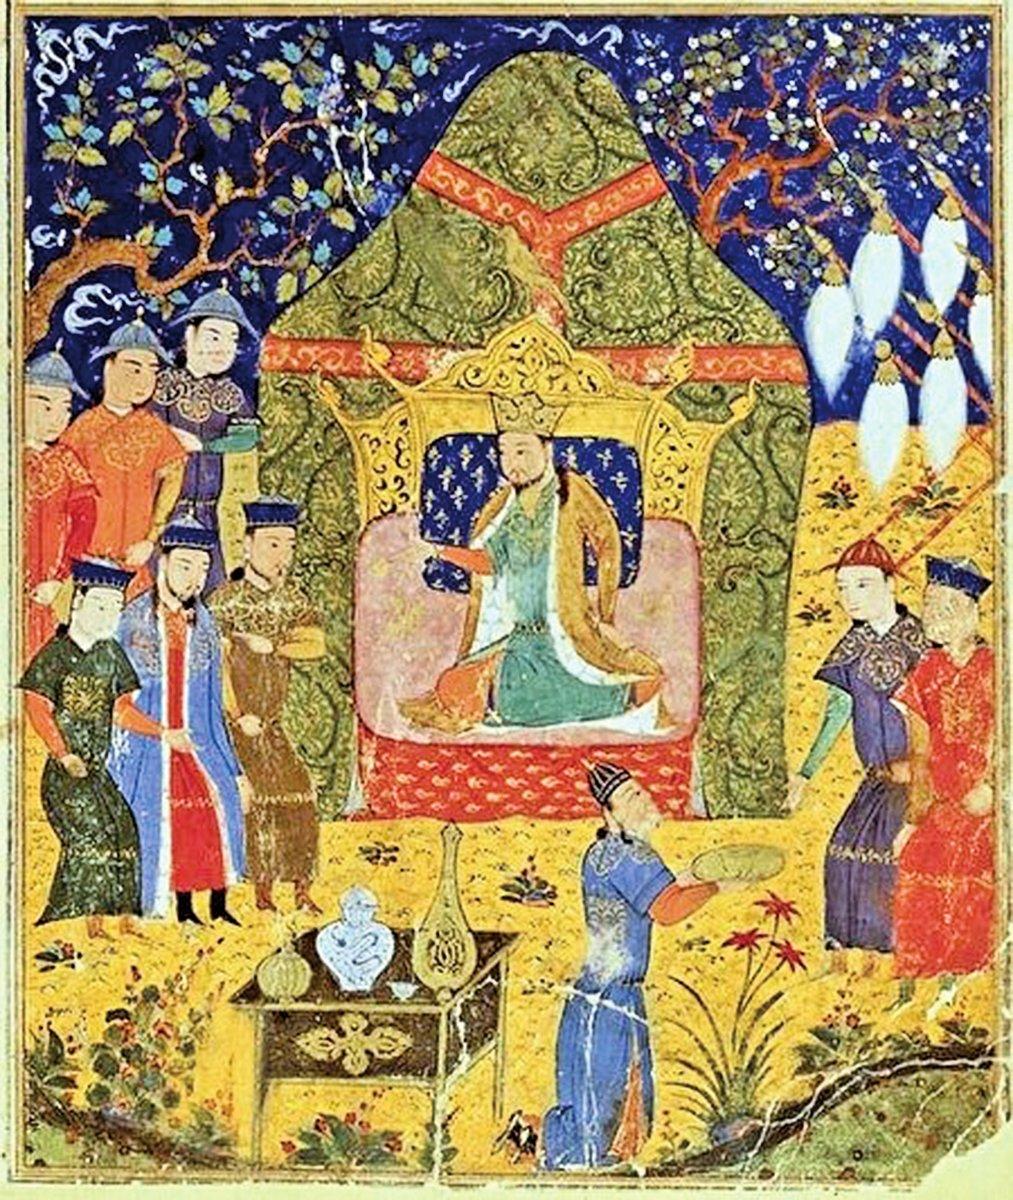 成吉思汗加冕圖,出自拉施德丁所著《史集》(Jami al-Tawarikh)。(公有領域)